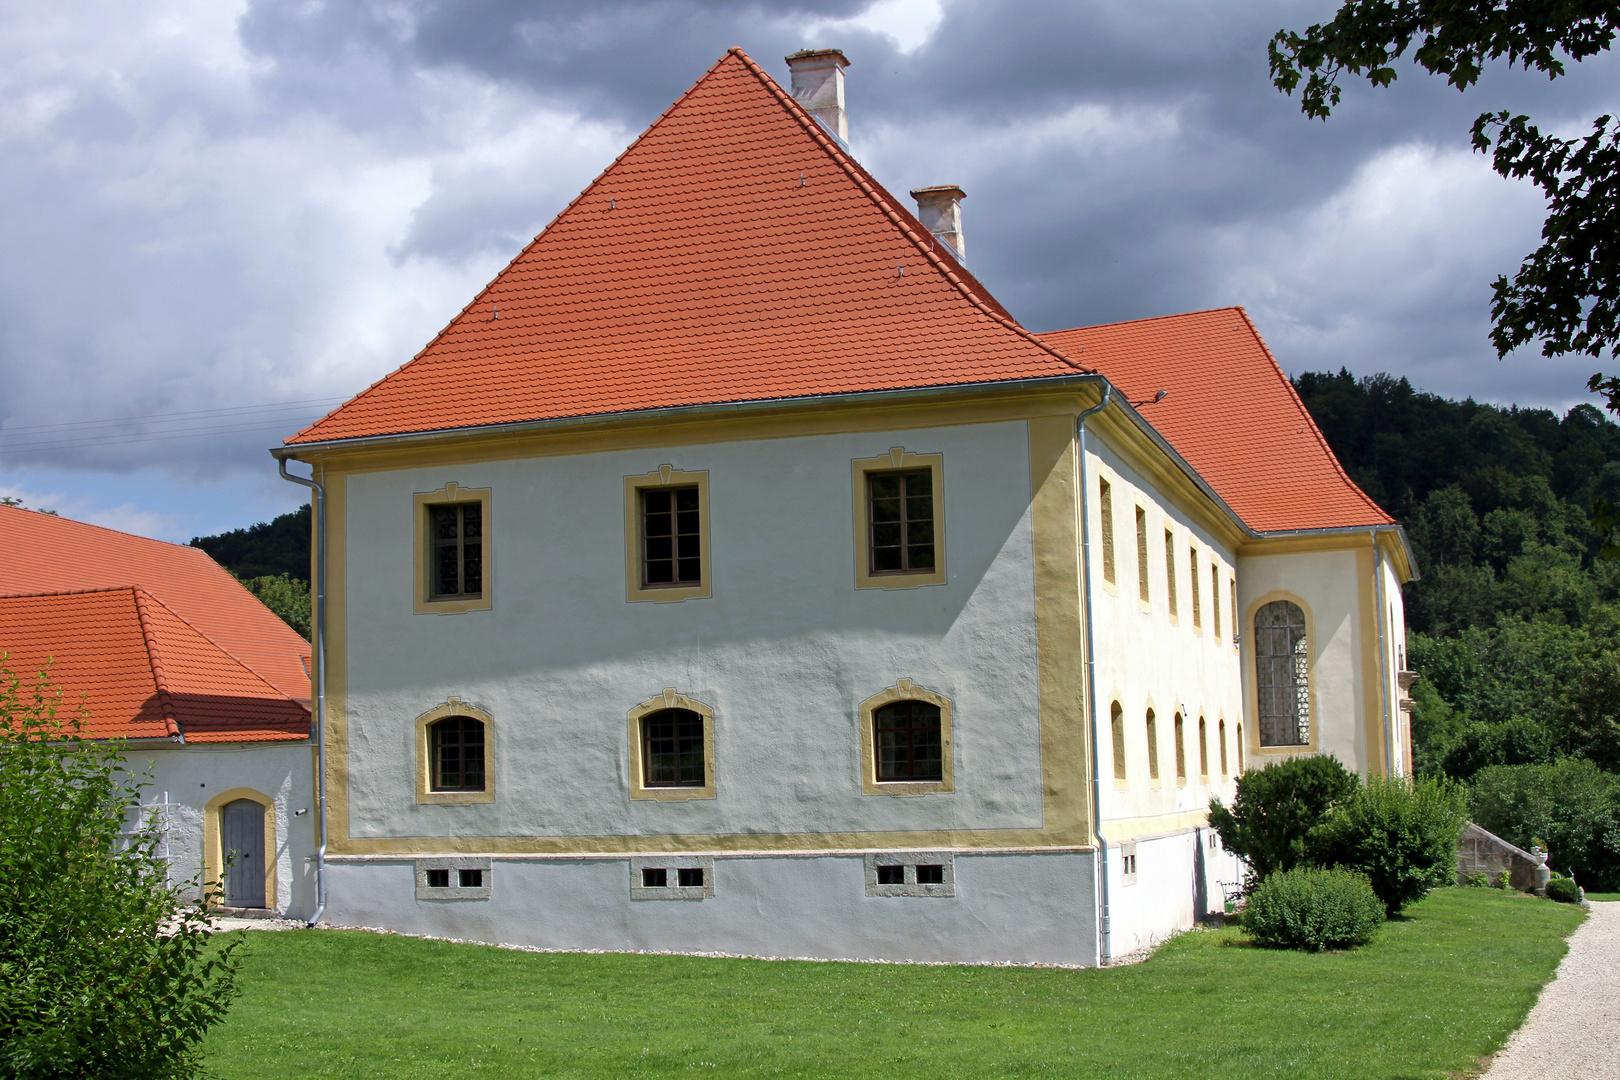 Großer Hof in Hayingen